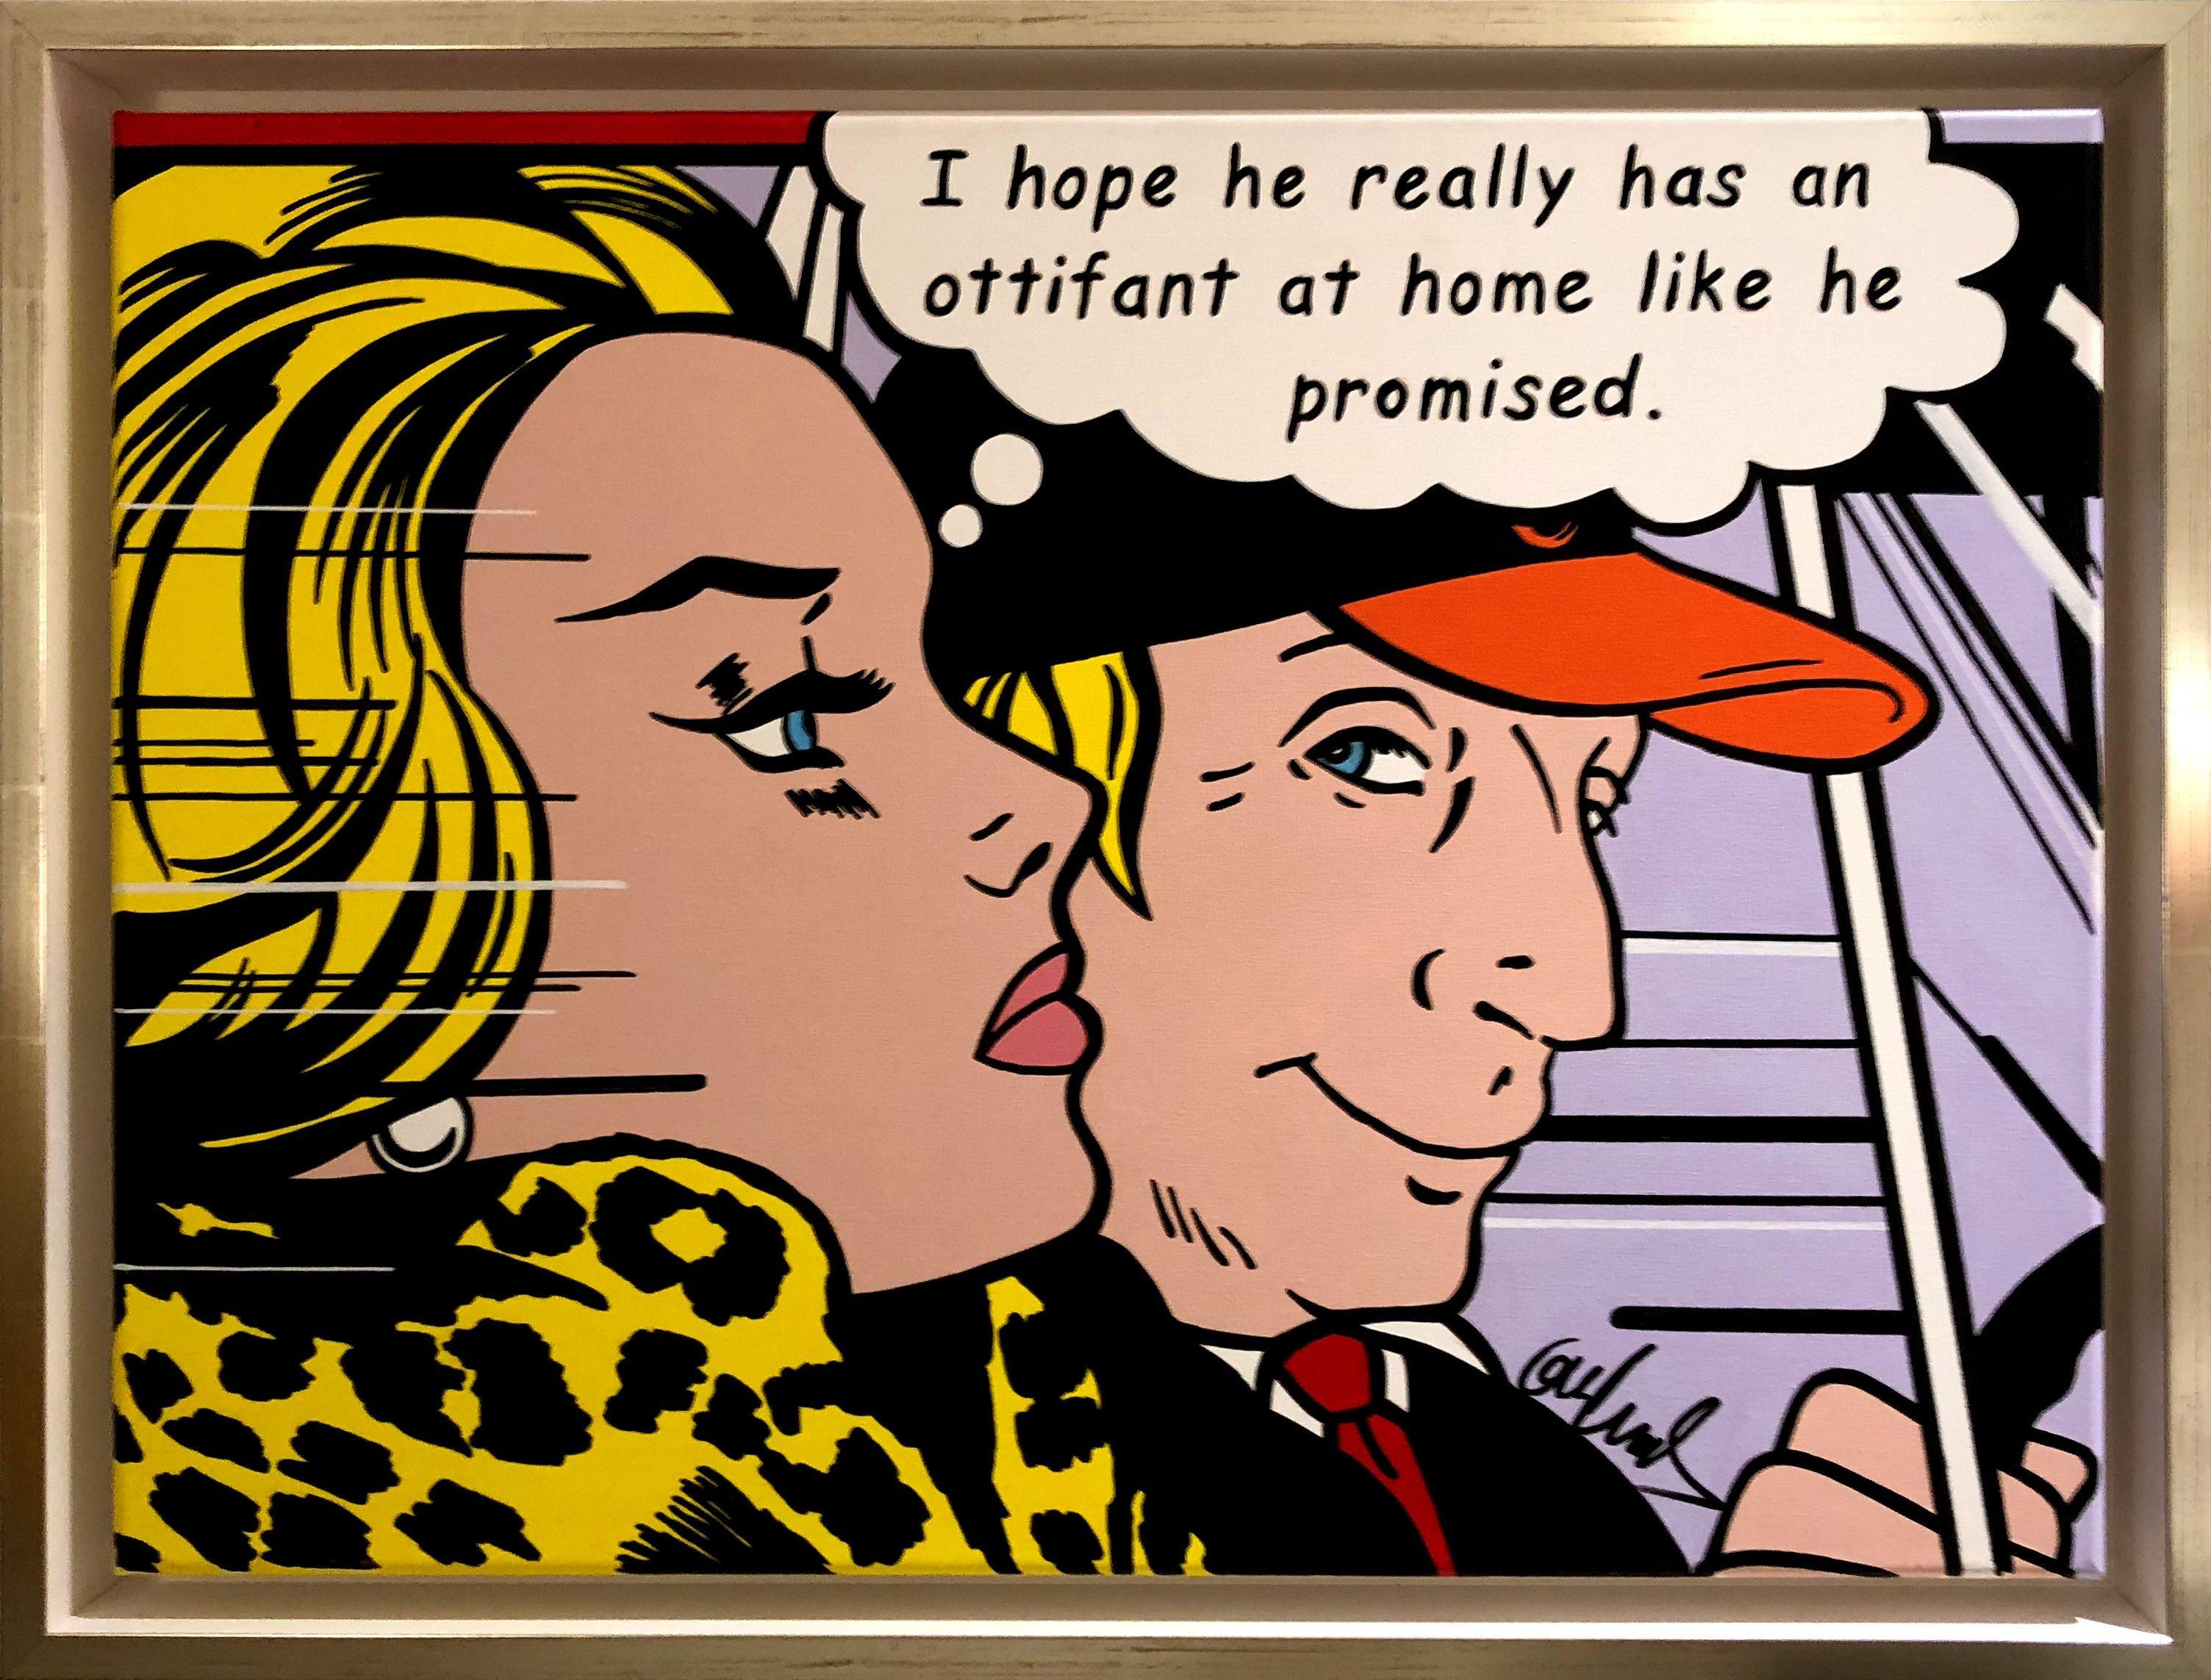 Her Desire Roi Lichtenstein Hommage Gemälde Von Otto Waalkes Gemälde Pop Art Künstler Kunst